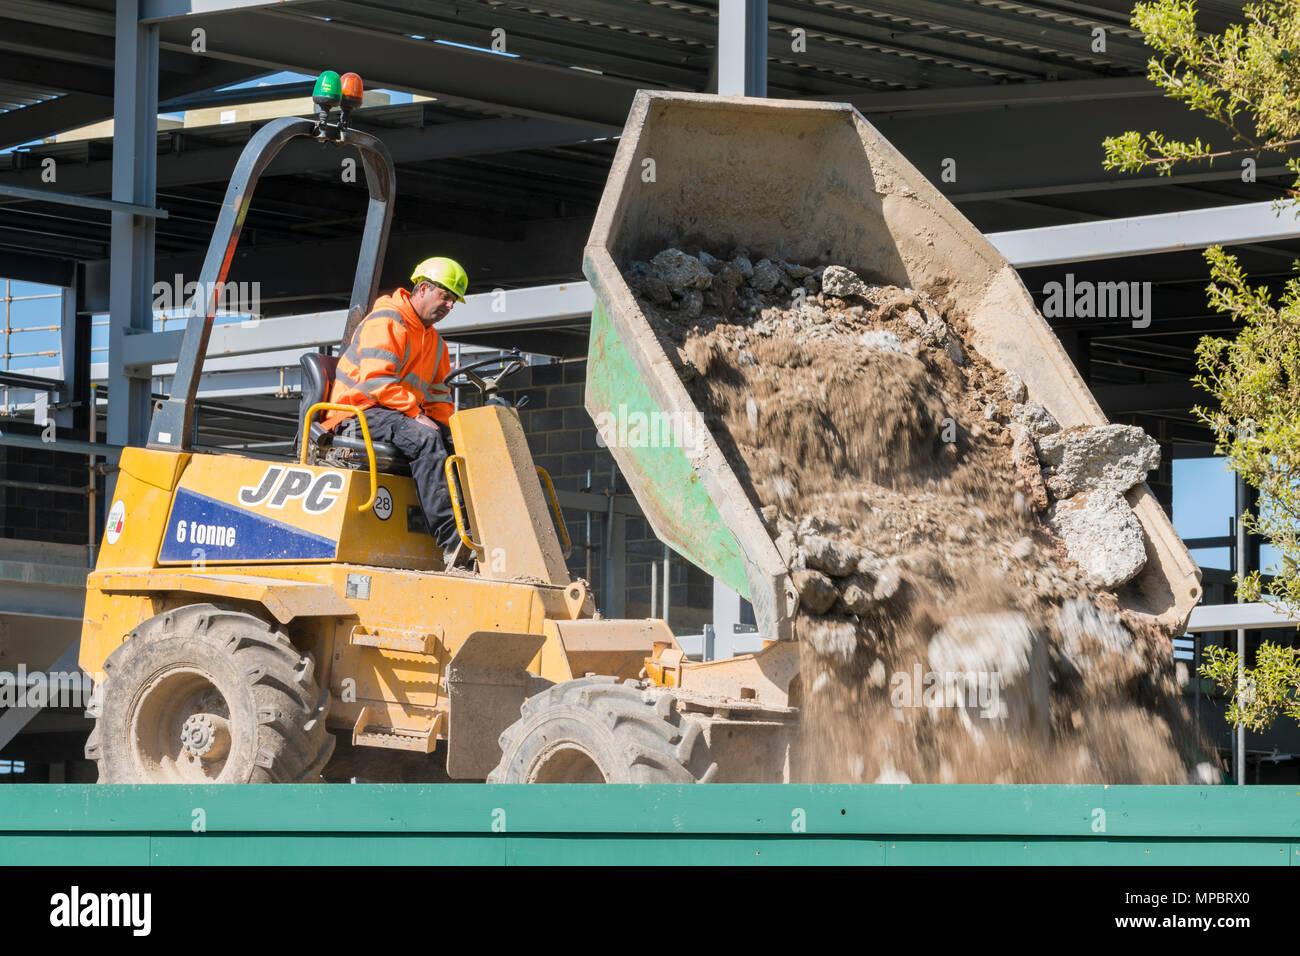 Konstruktion Fahrzeug auf einer Baustelle heraus kippen Schutt. JPC-Fahrzeug. Stockbild